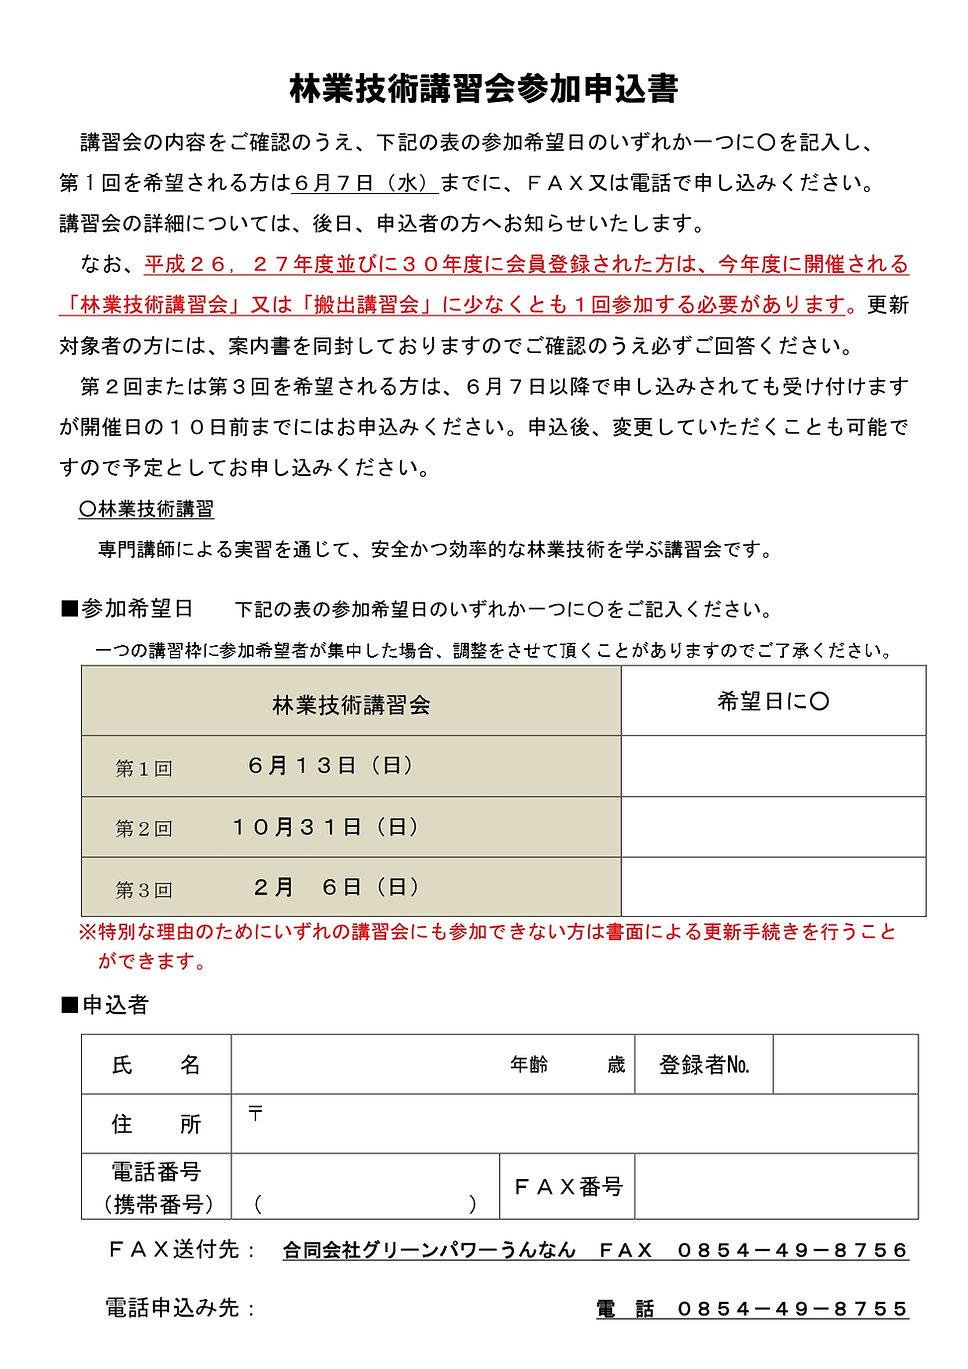 林業技術講習会パンフ(登録者向け)_R30613_page-0002.jpg